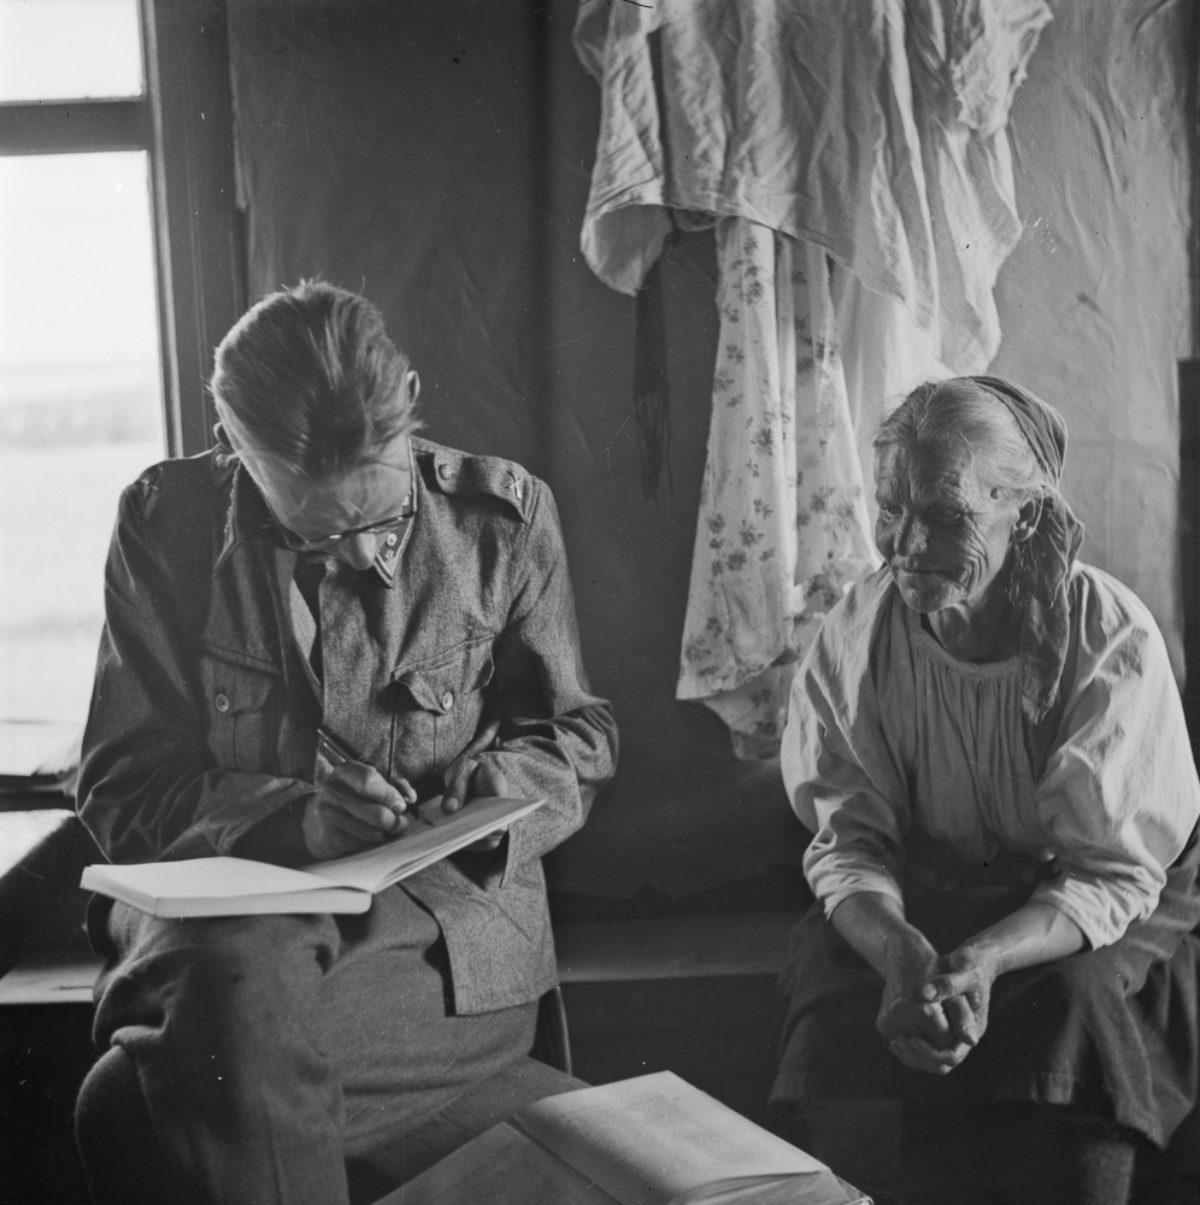 Väinö Kaukonen interviewing Anni Huotarinen in Akonlahti, Kontokki. Photo: Väinö Kaukonen / Picture Collections of the Finnish Heritage Agency